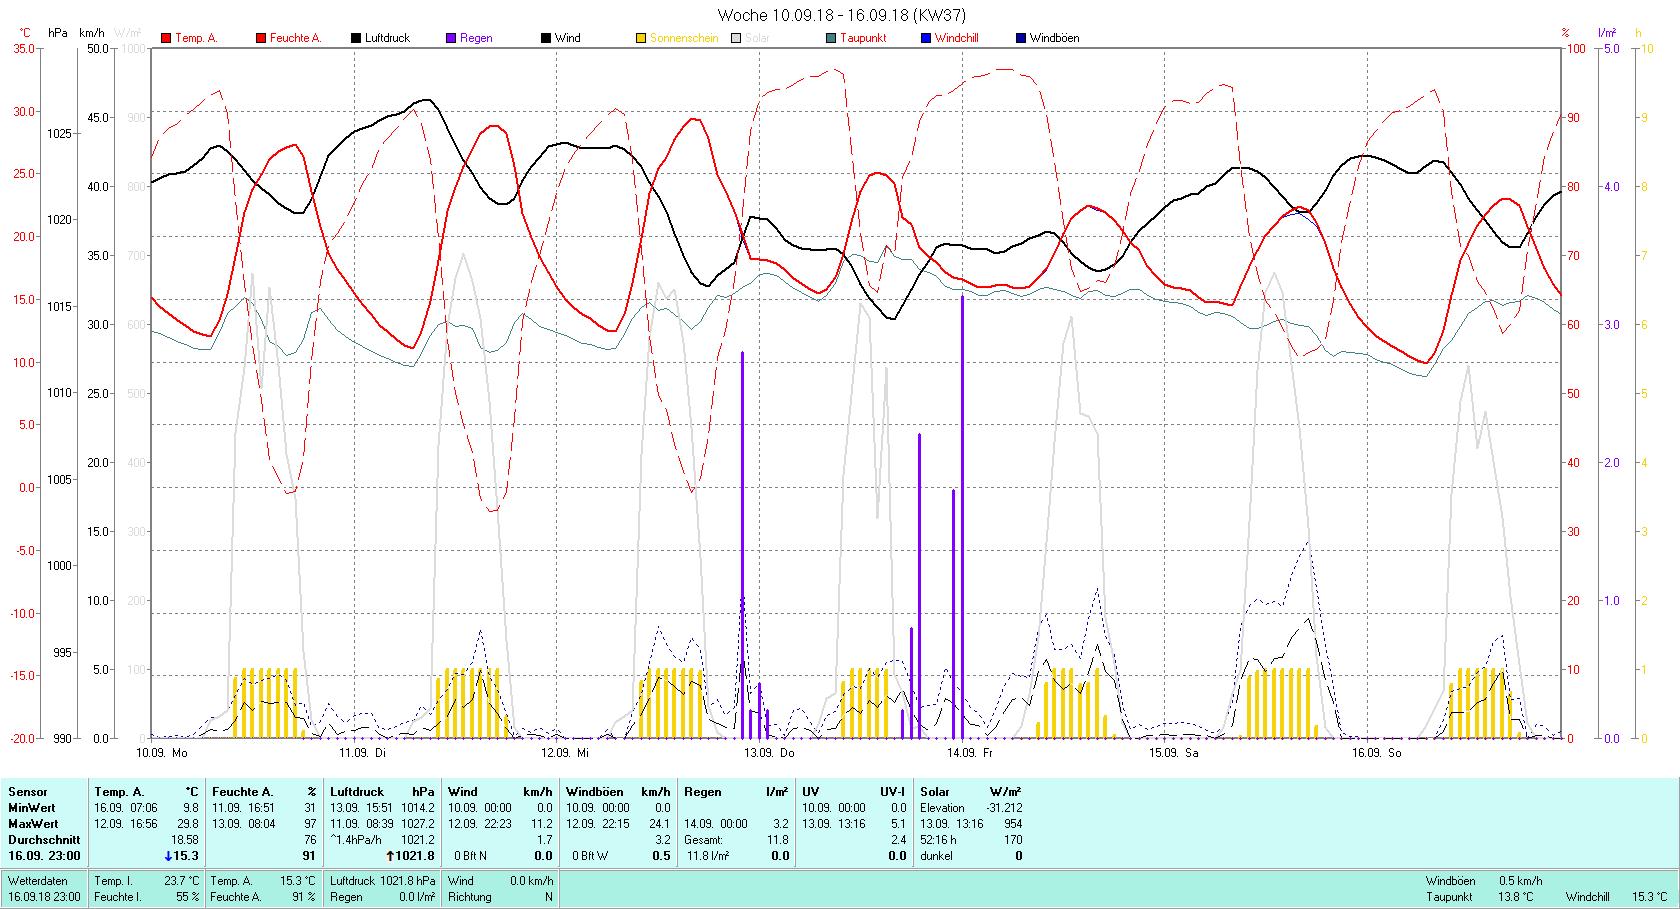 KW 37 Tmin 9.8°C, Tmax 29.8°C, Sonne 52:16 h Niederschlag 11.8 mm2